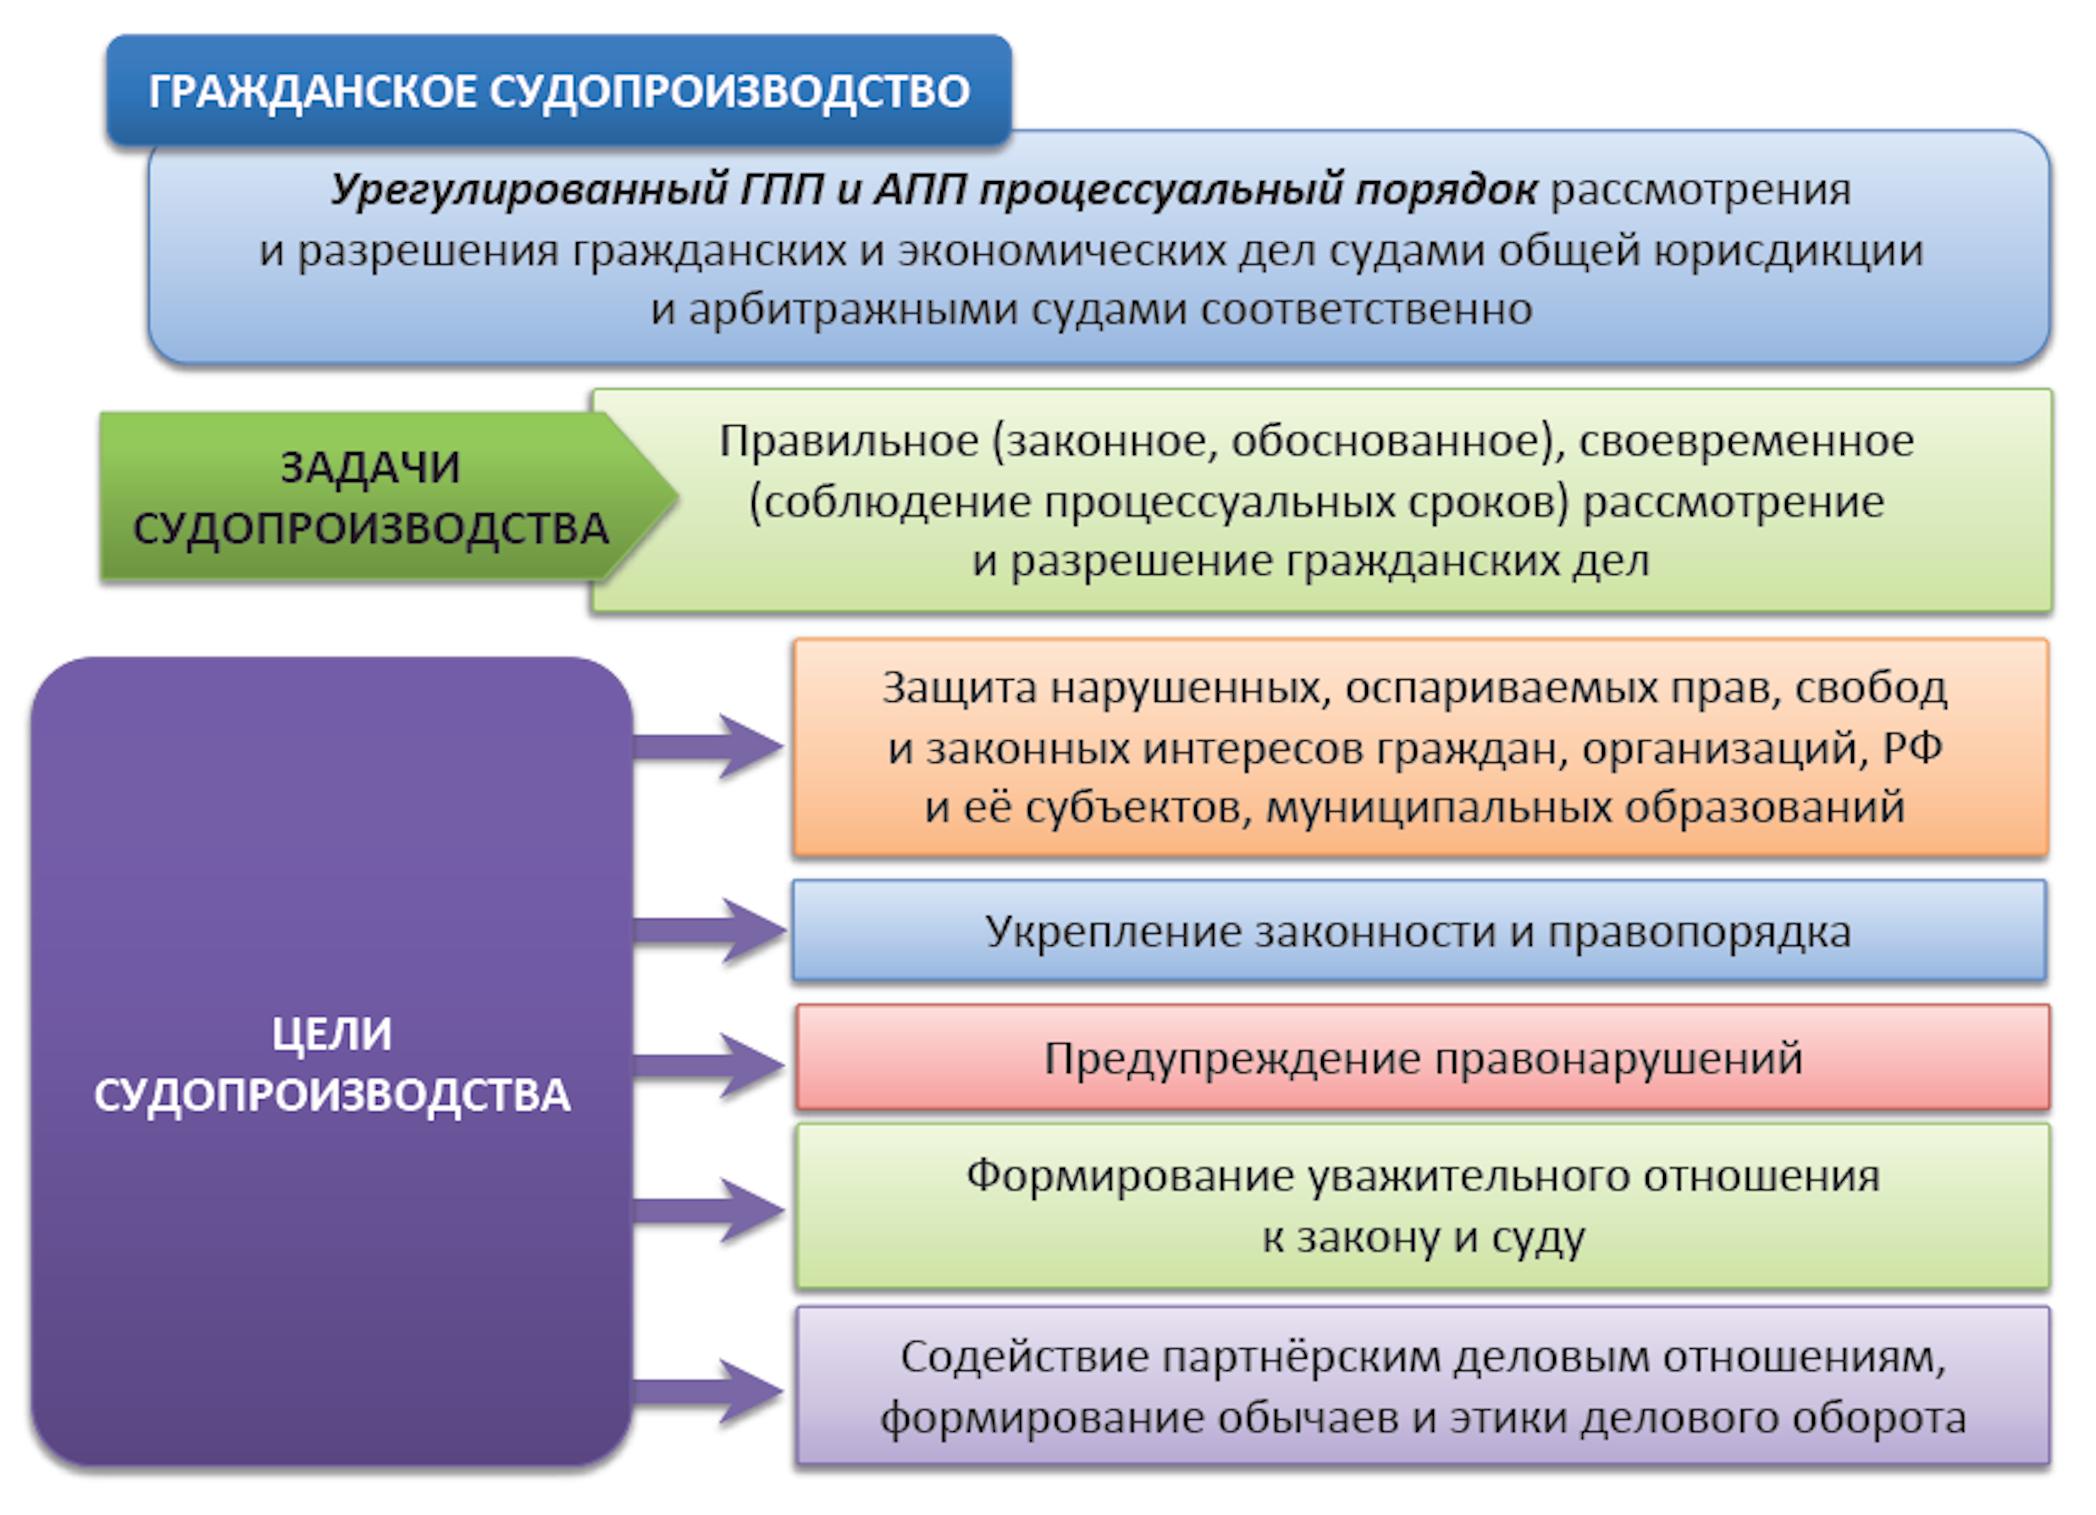 Процессуальные сроки в гражданском процессе схема